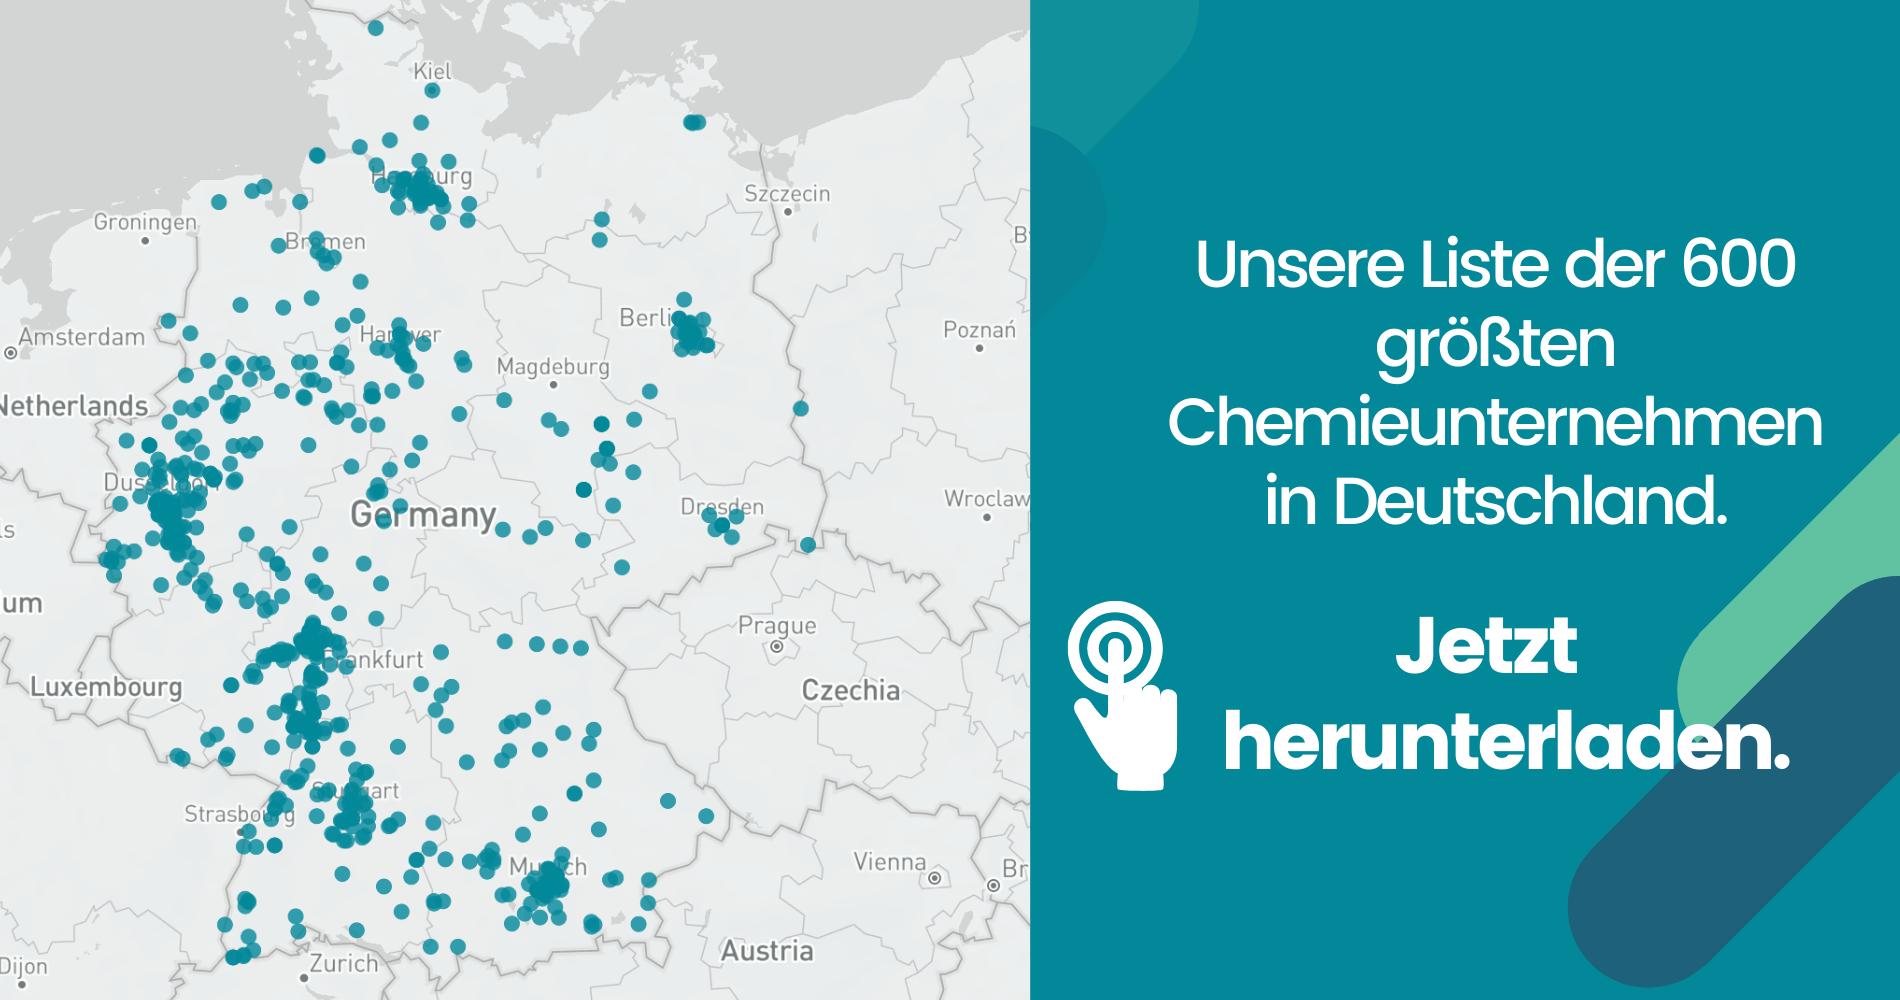 Westfalen AG: Umsatzentwicklung seit 2015